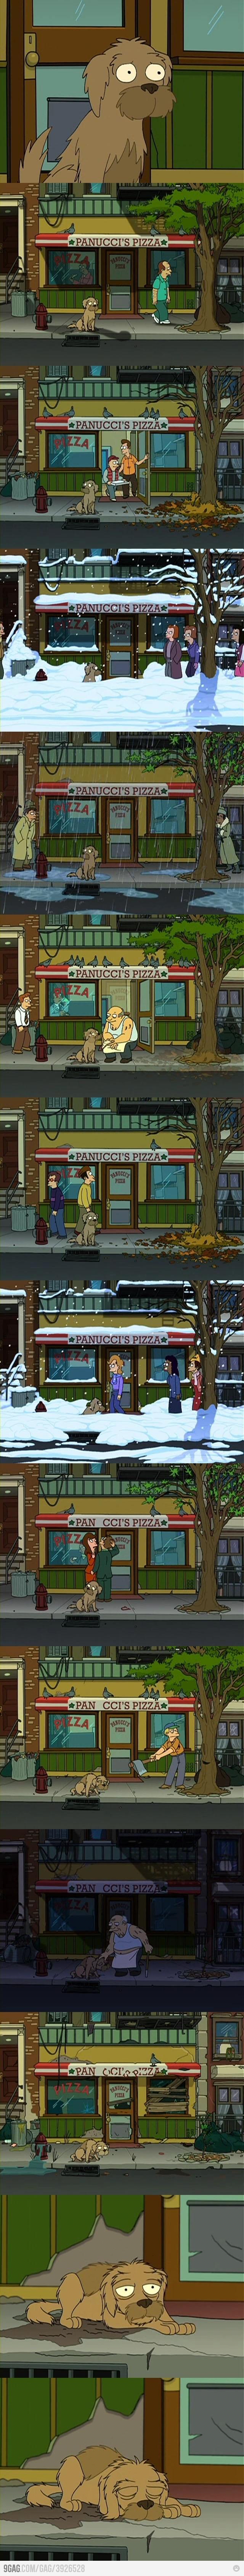 El perrito de Fry.